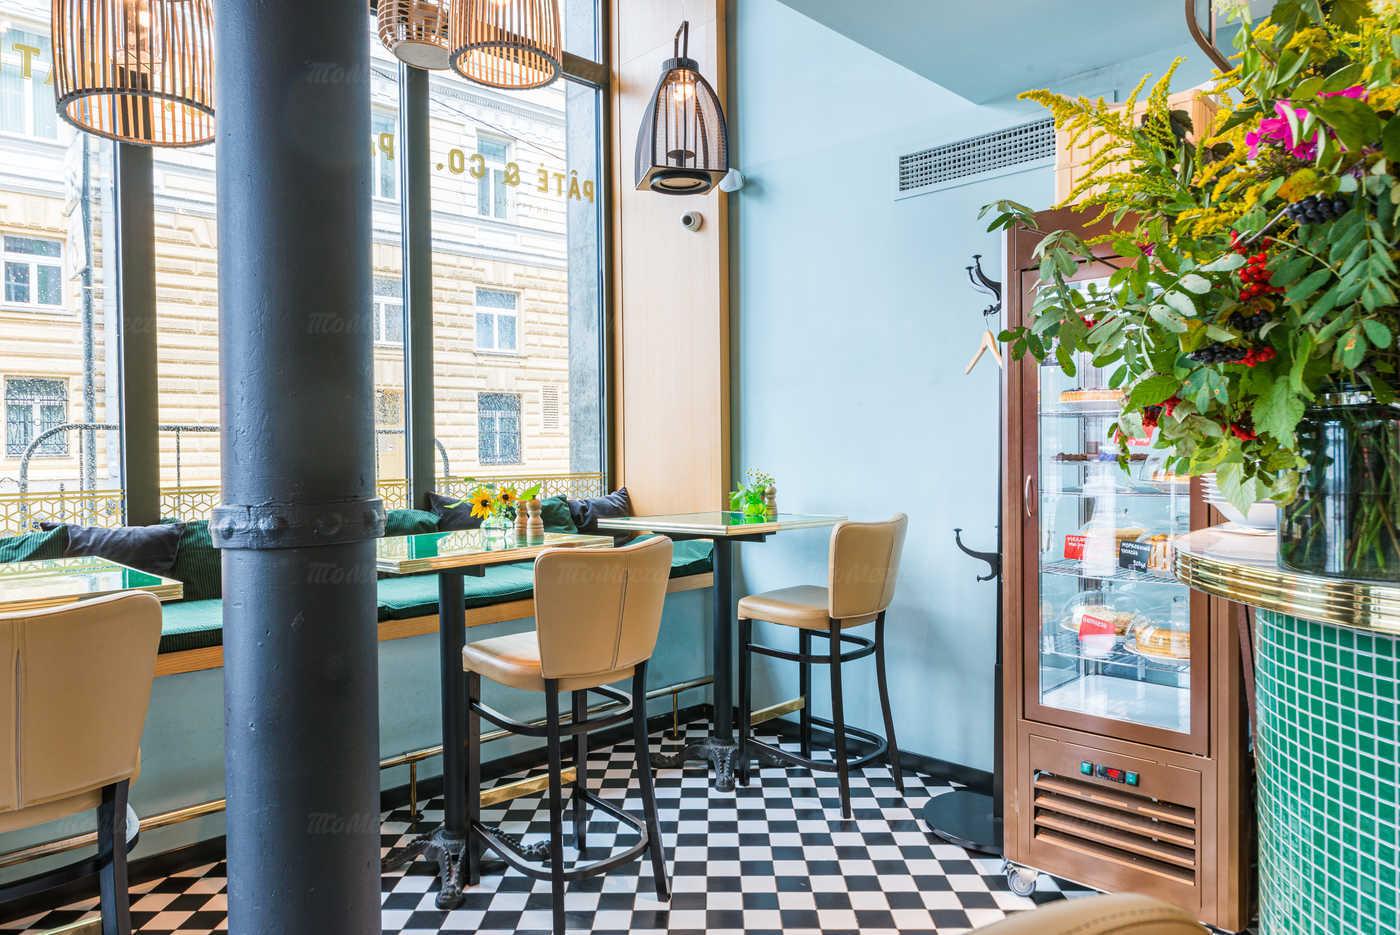 Ресторан Pate & Co на улице Балчуг фото 23